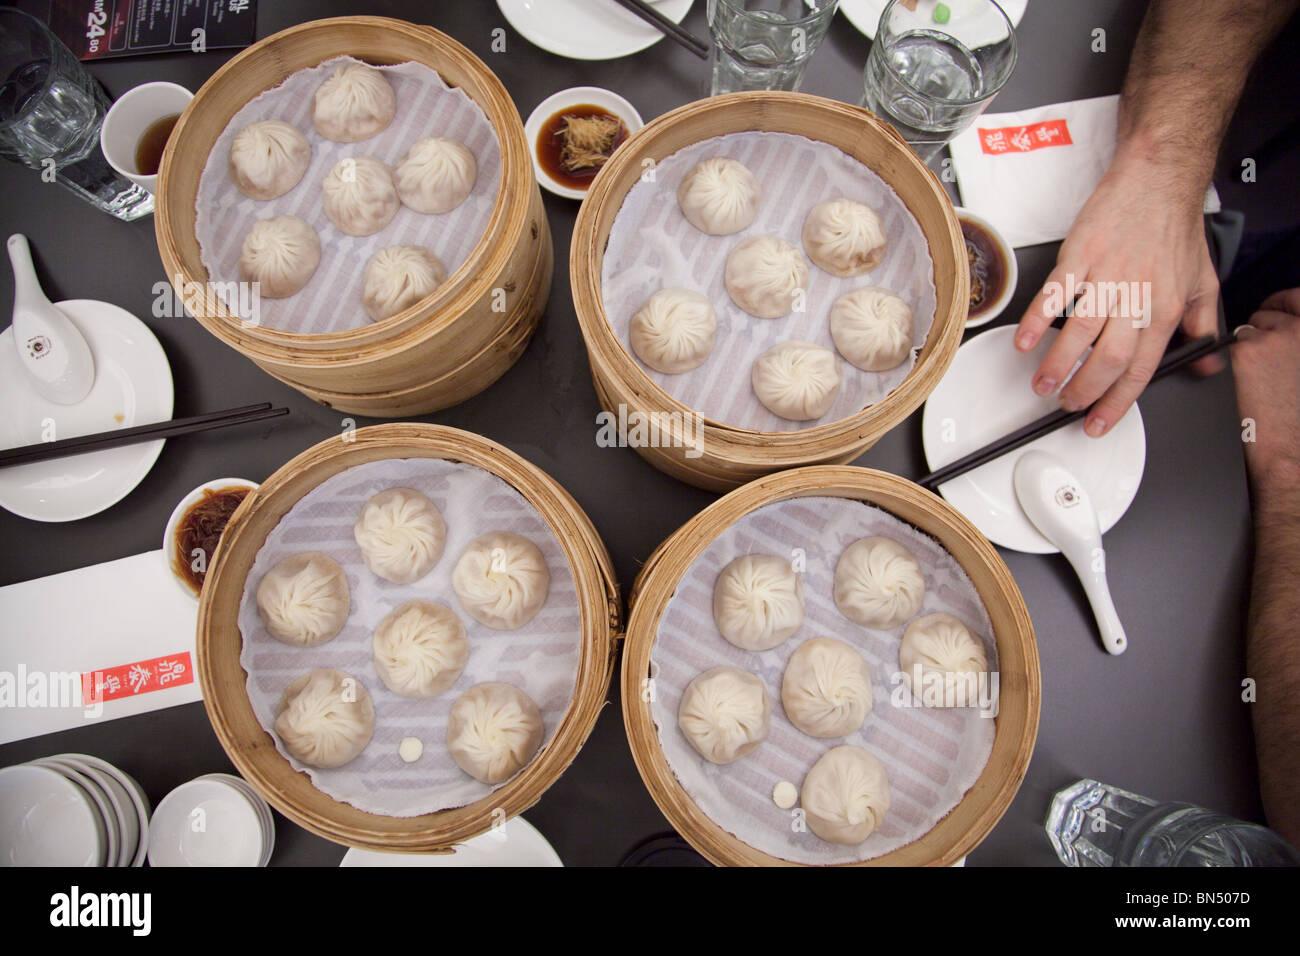 Mangiare Xiao Long Bao gnocchi di patate al vapore al famoso Din Tai Feng Restaurant la posizione della Malesia Immagini Stock